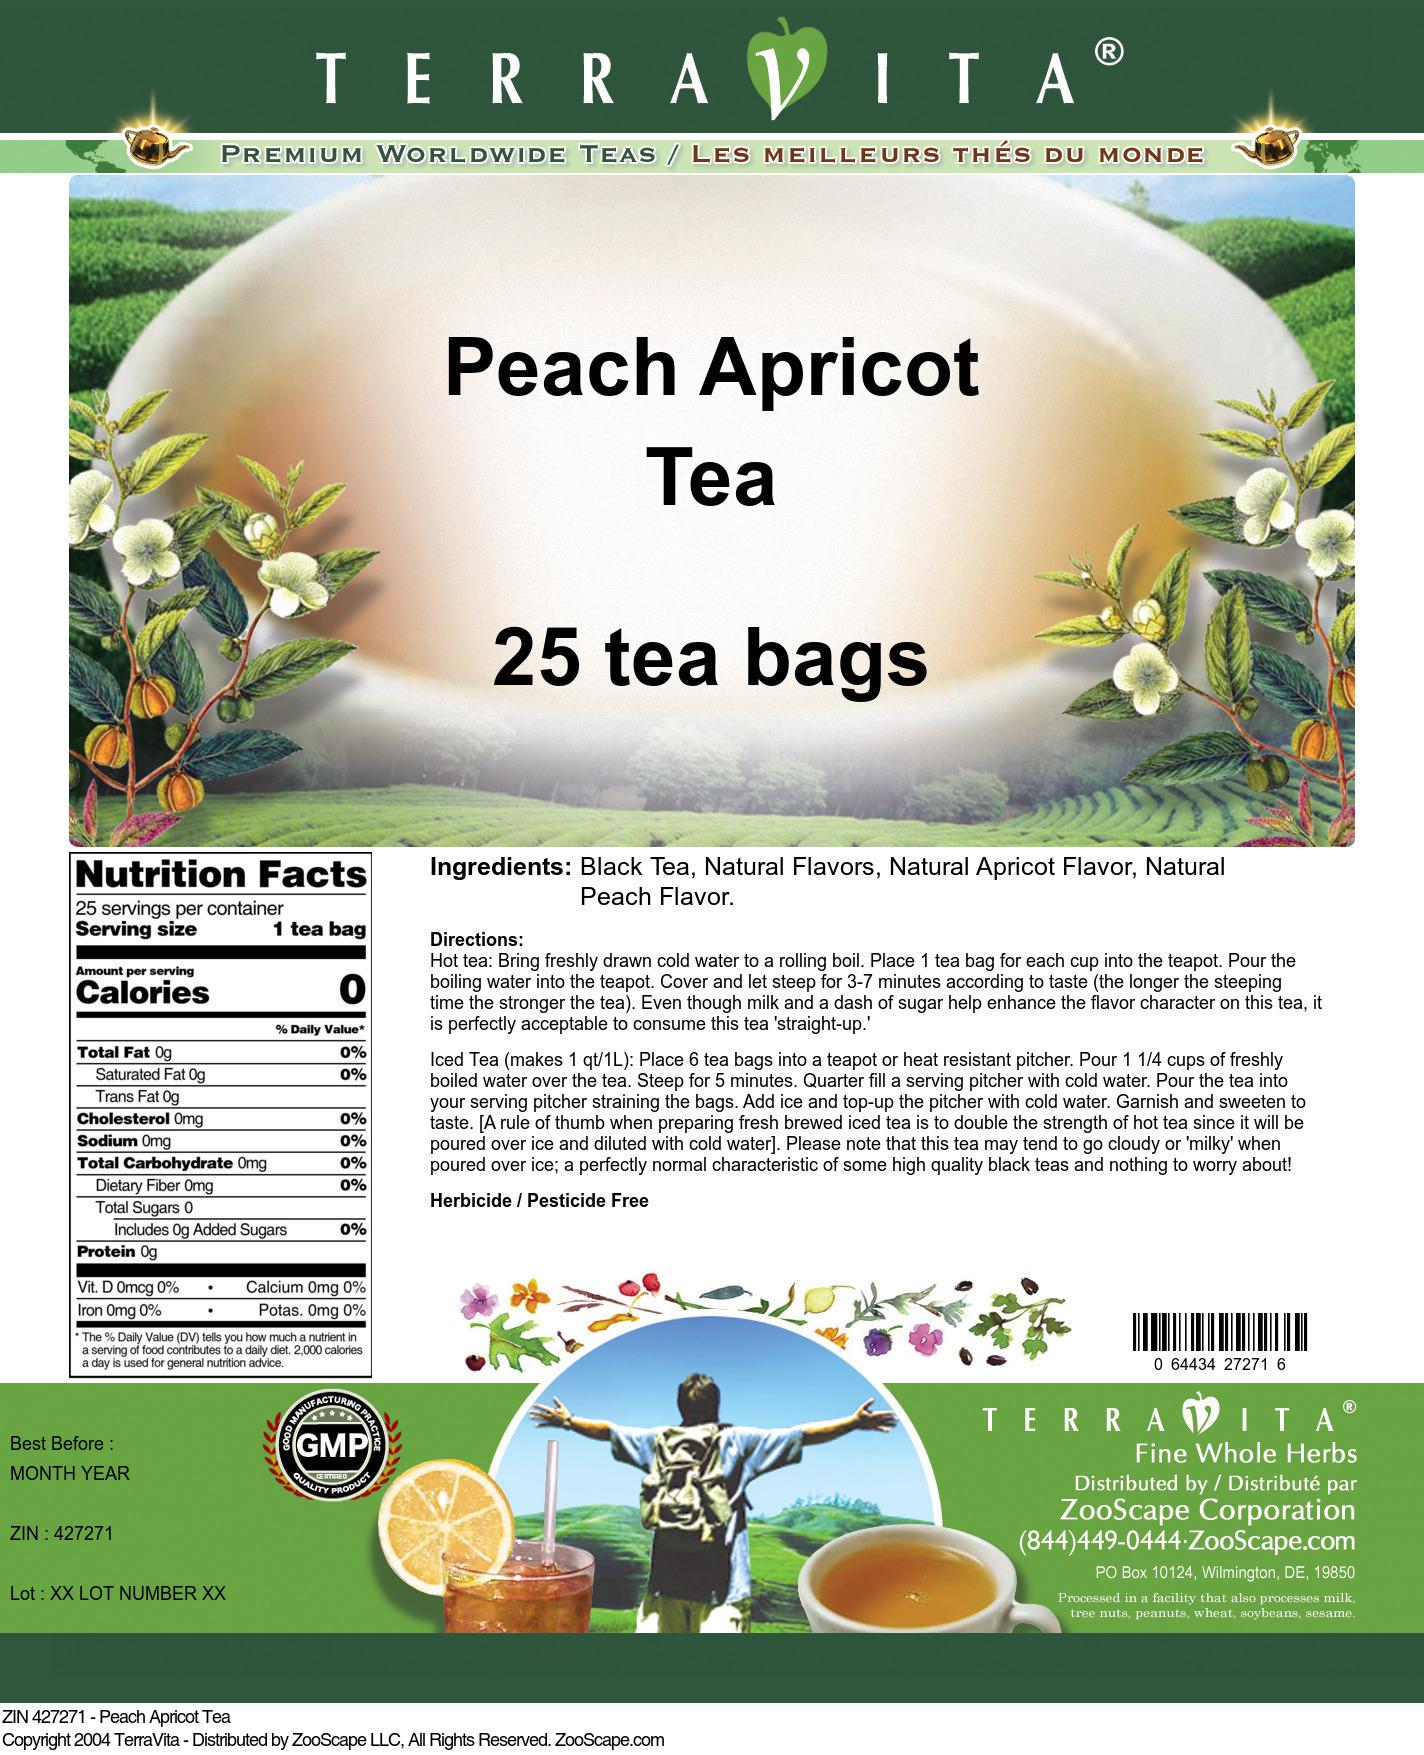 Peach Apricot Tea